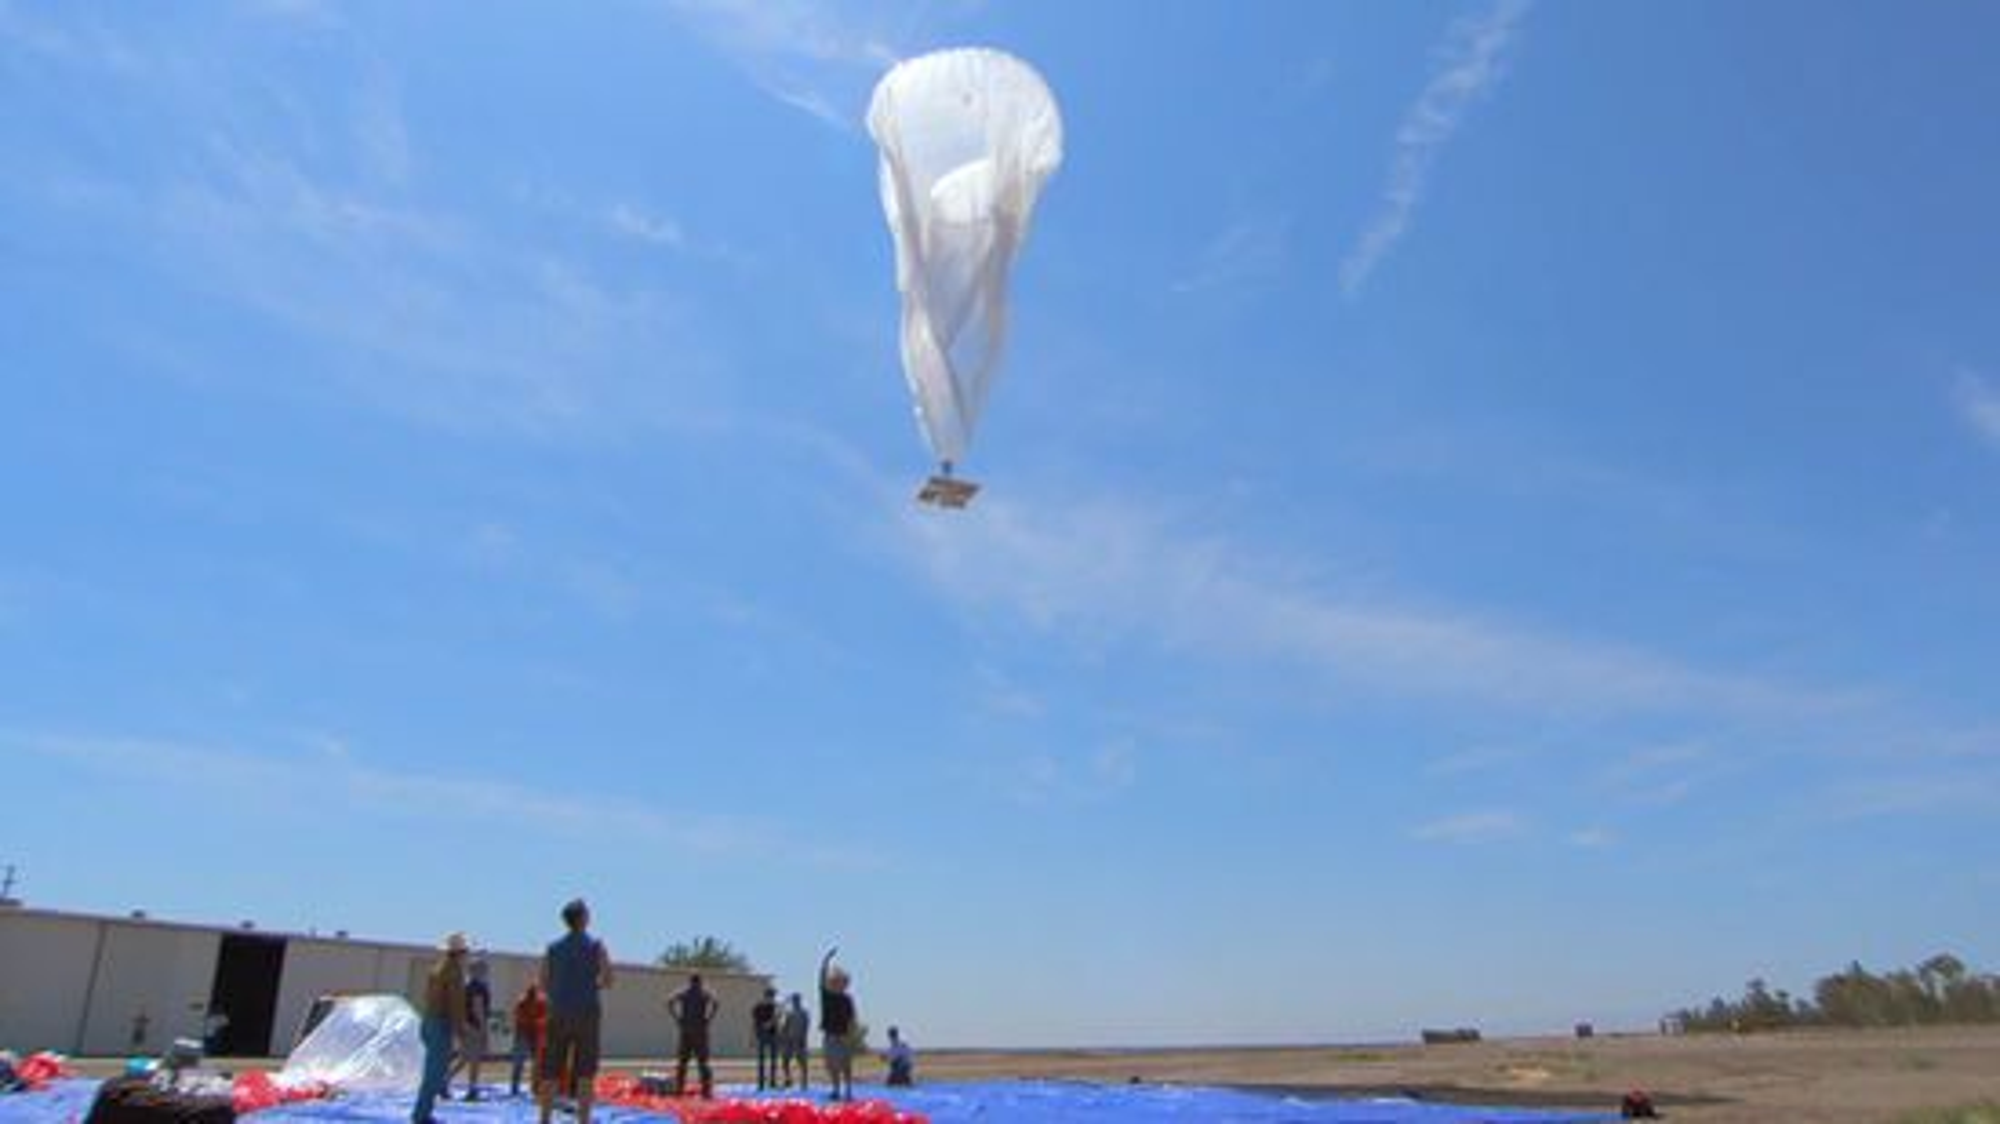 Oppsending av en av 30 prøveballonger på New Zealand. I stratosfæren vil ikke ballongene være synlige med det blotte øyet fra bakken. Merk solcellepanelet som henger under ballongen.